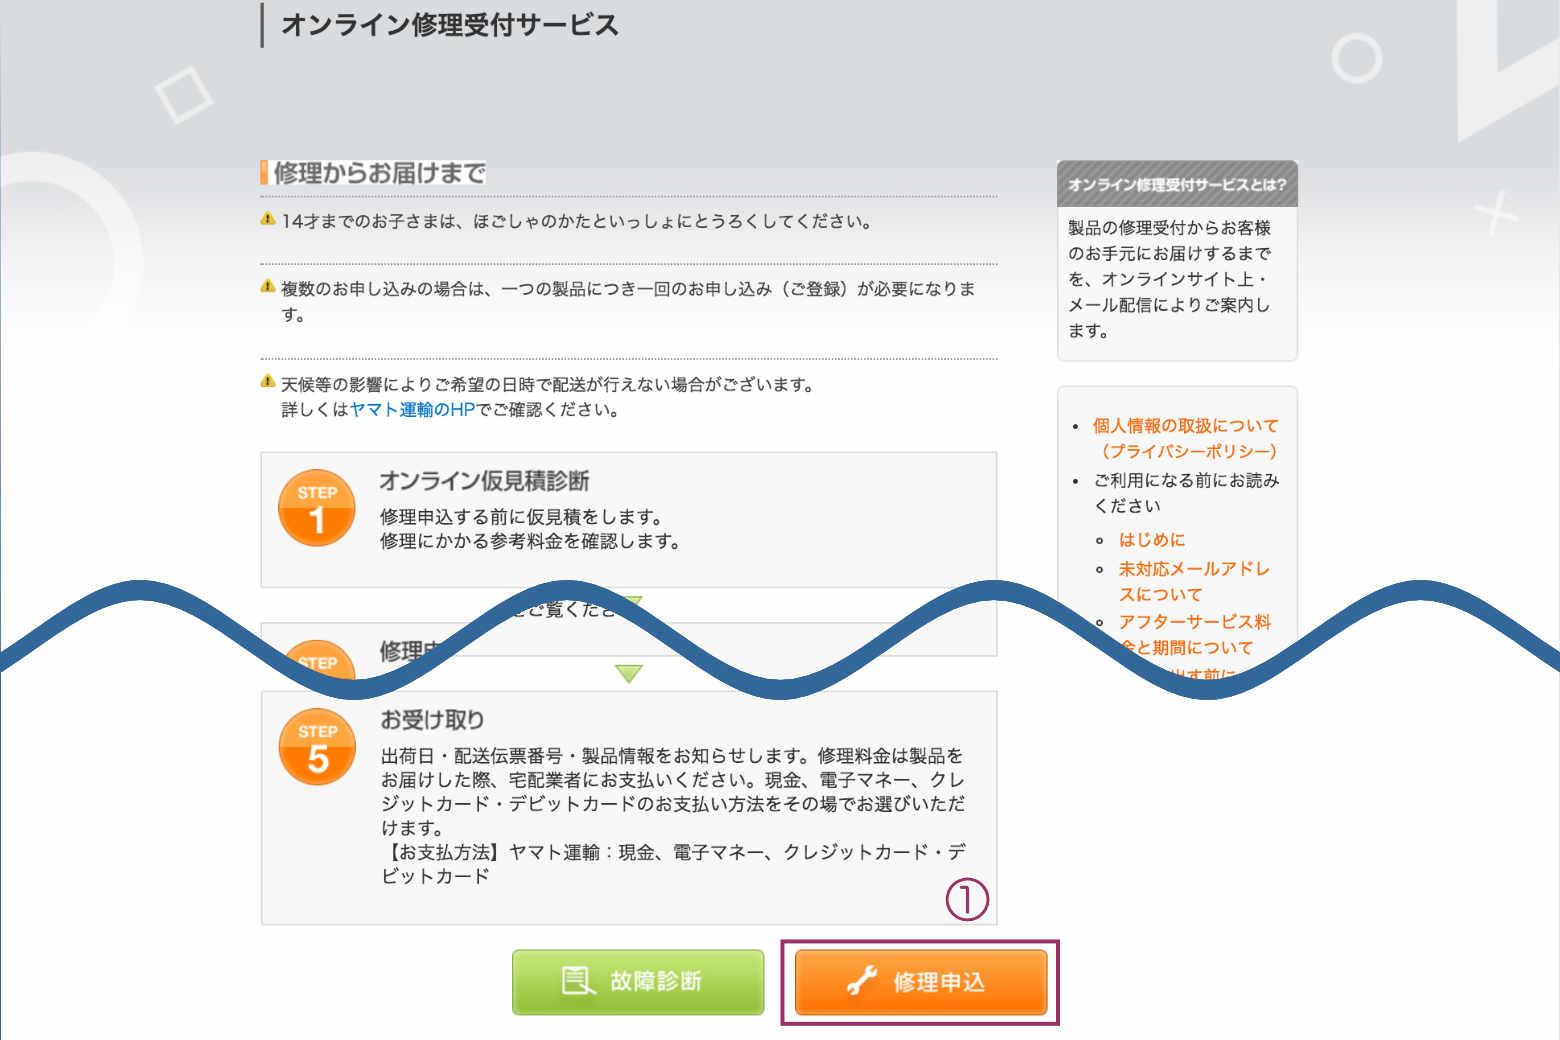 サイト:playstation.com より